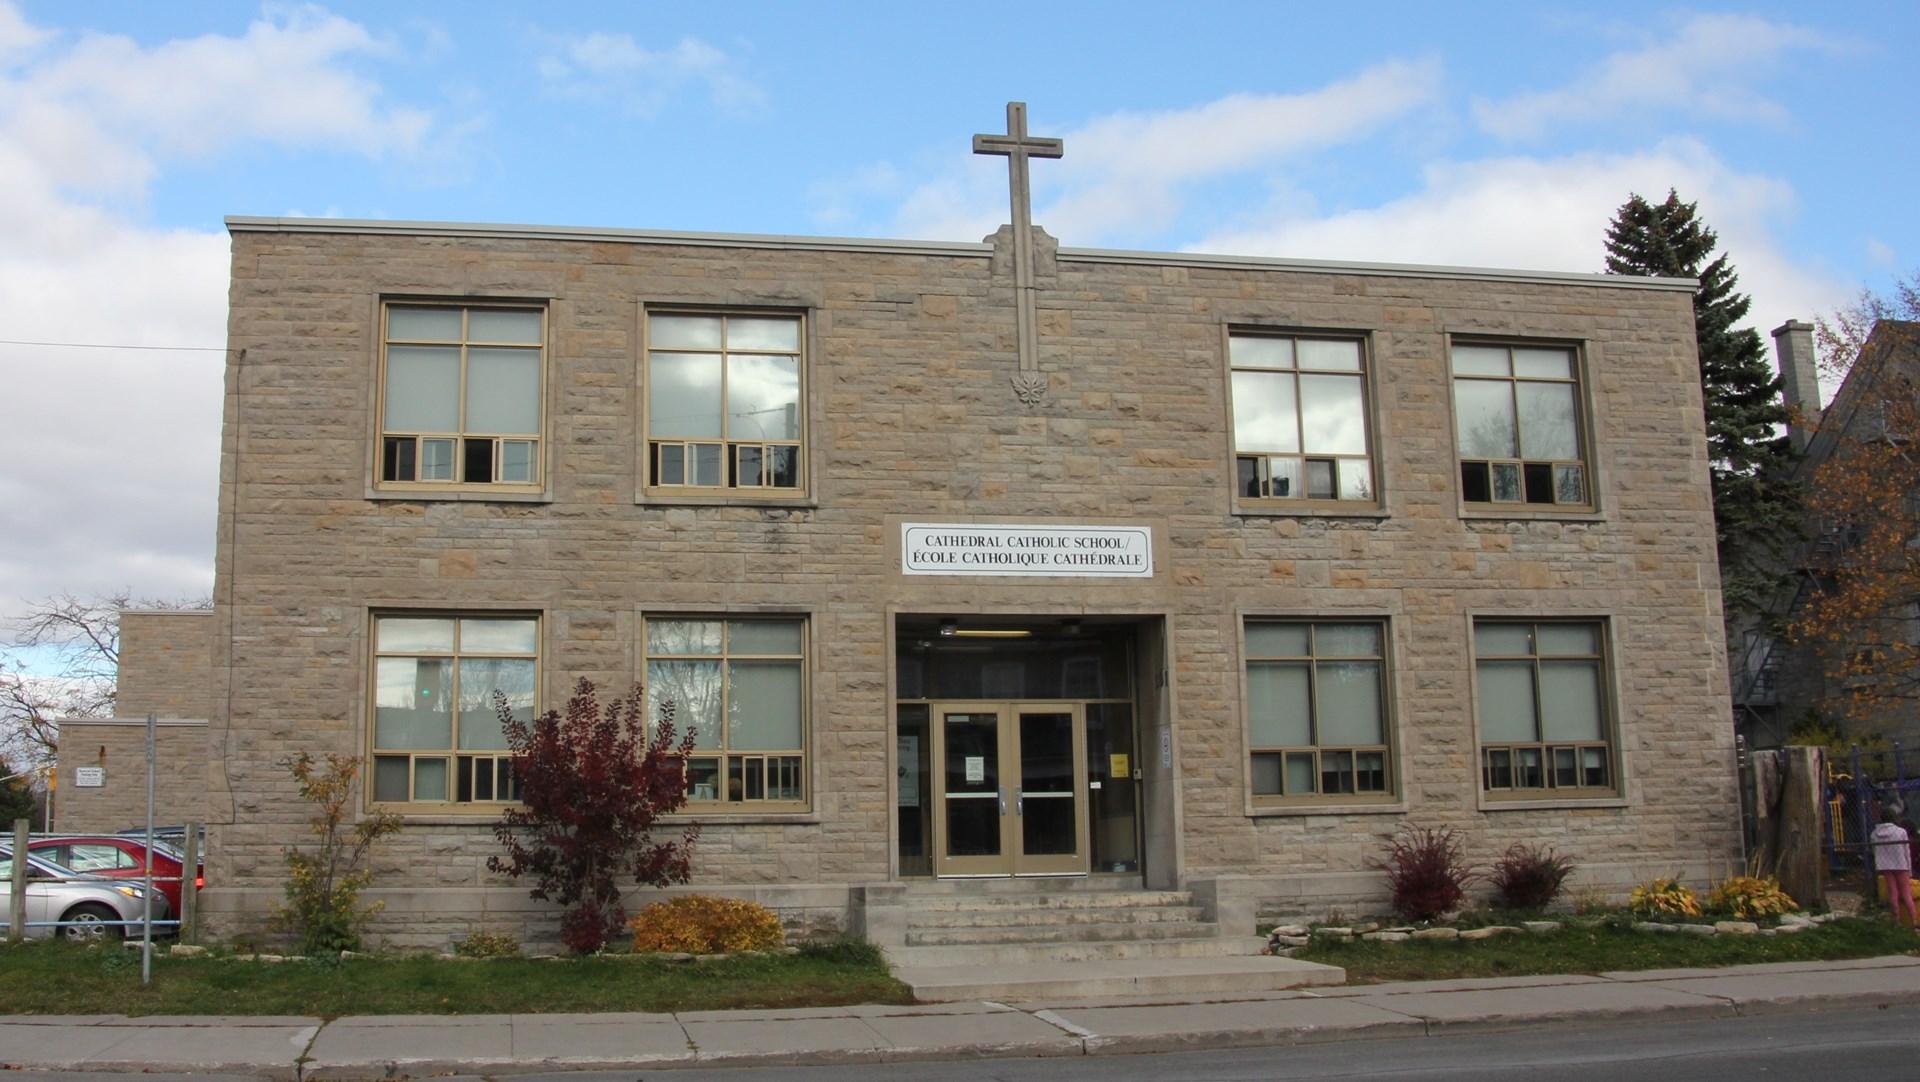 École catholique Cathédrale